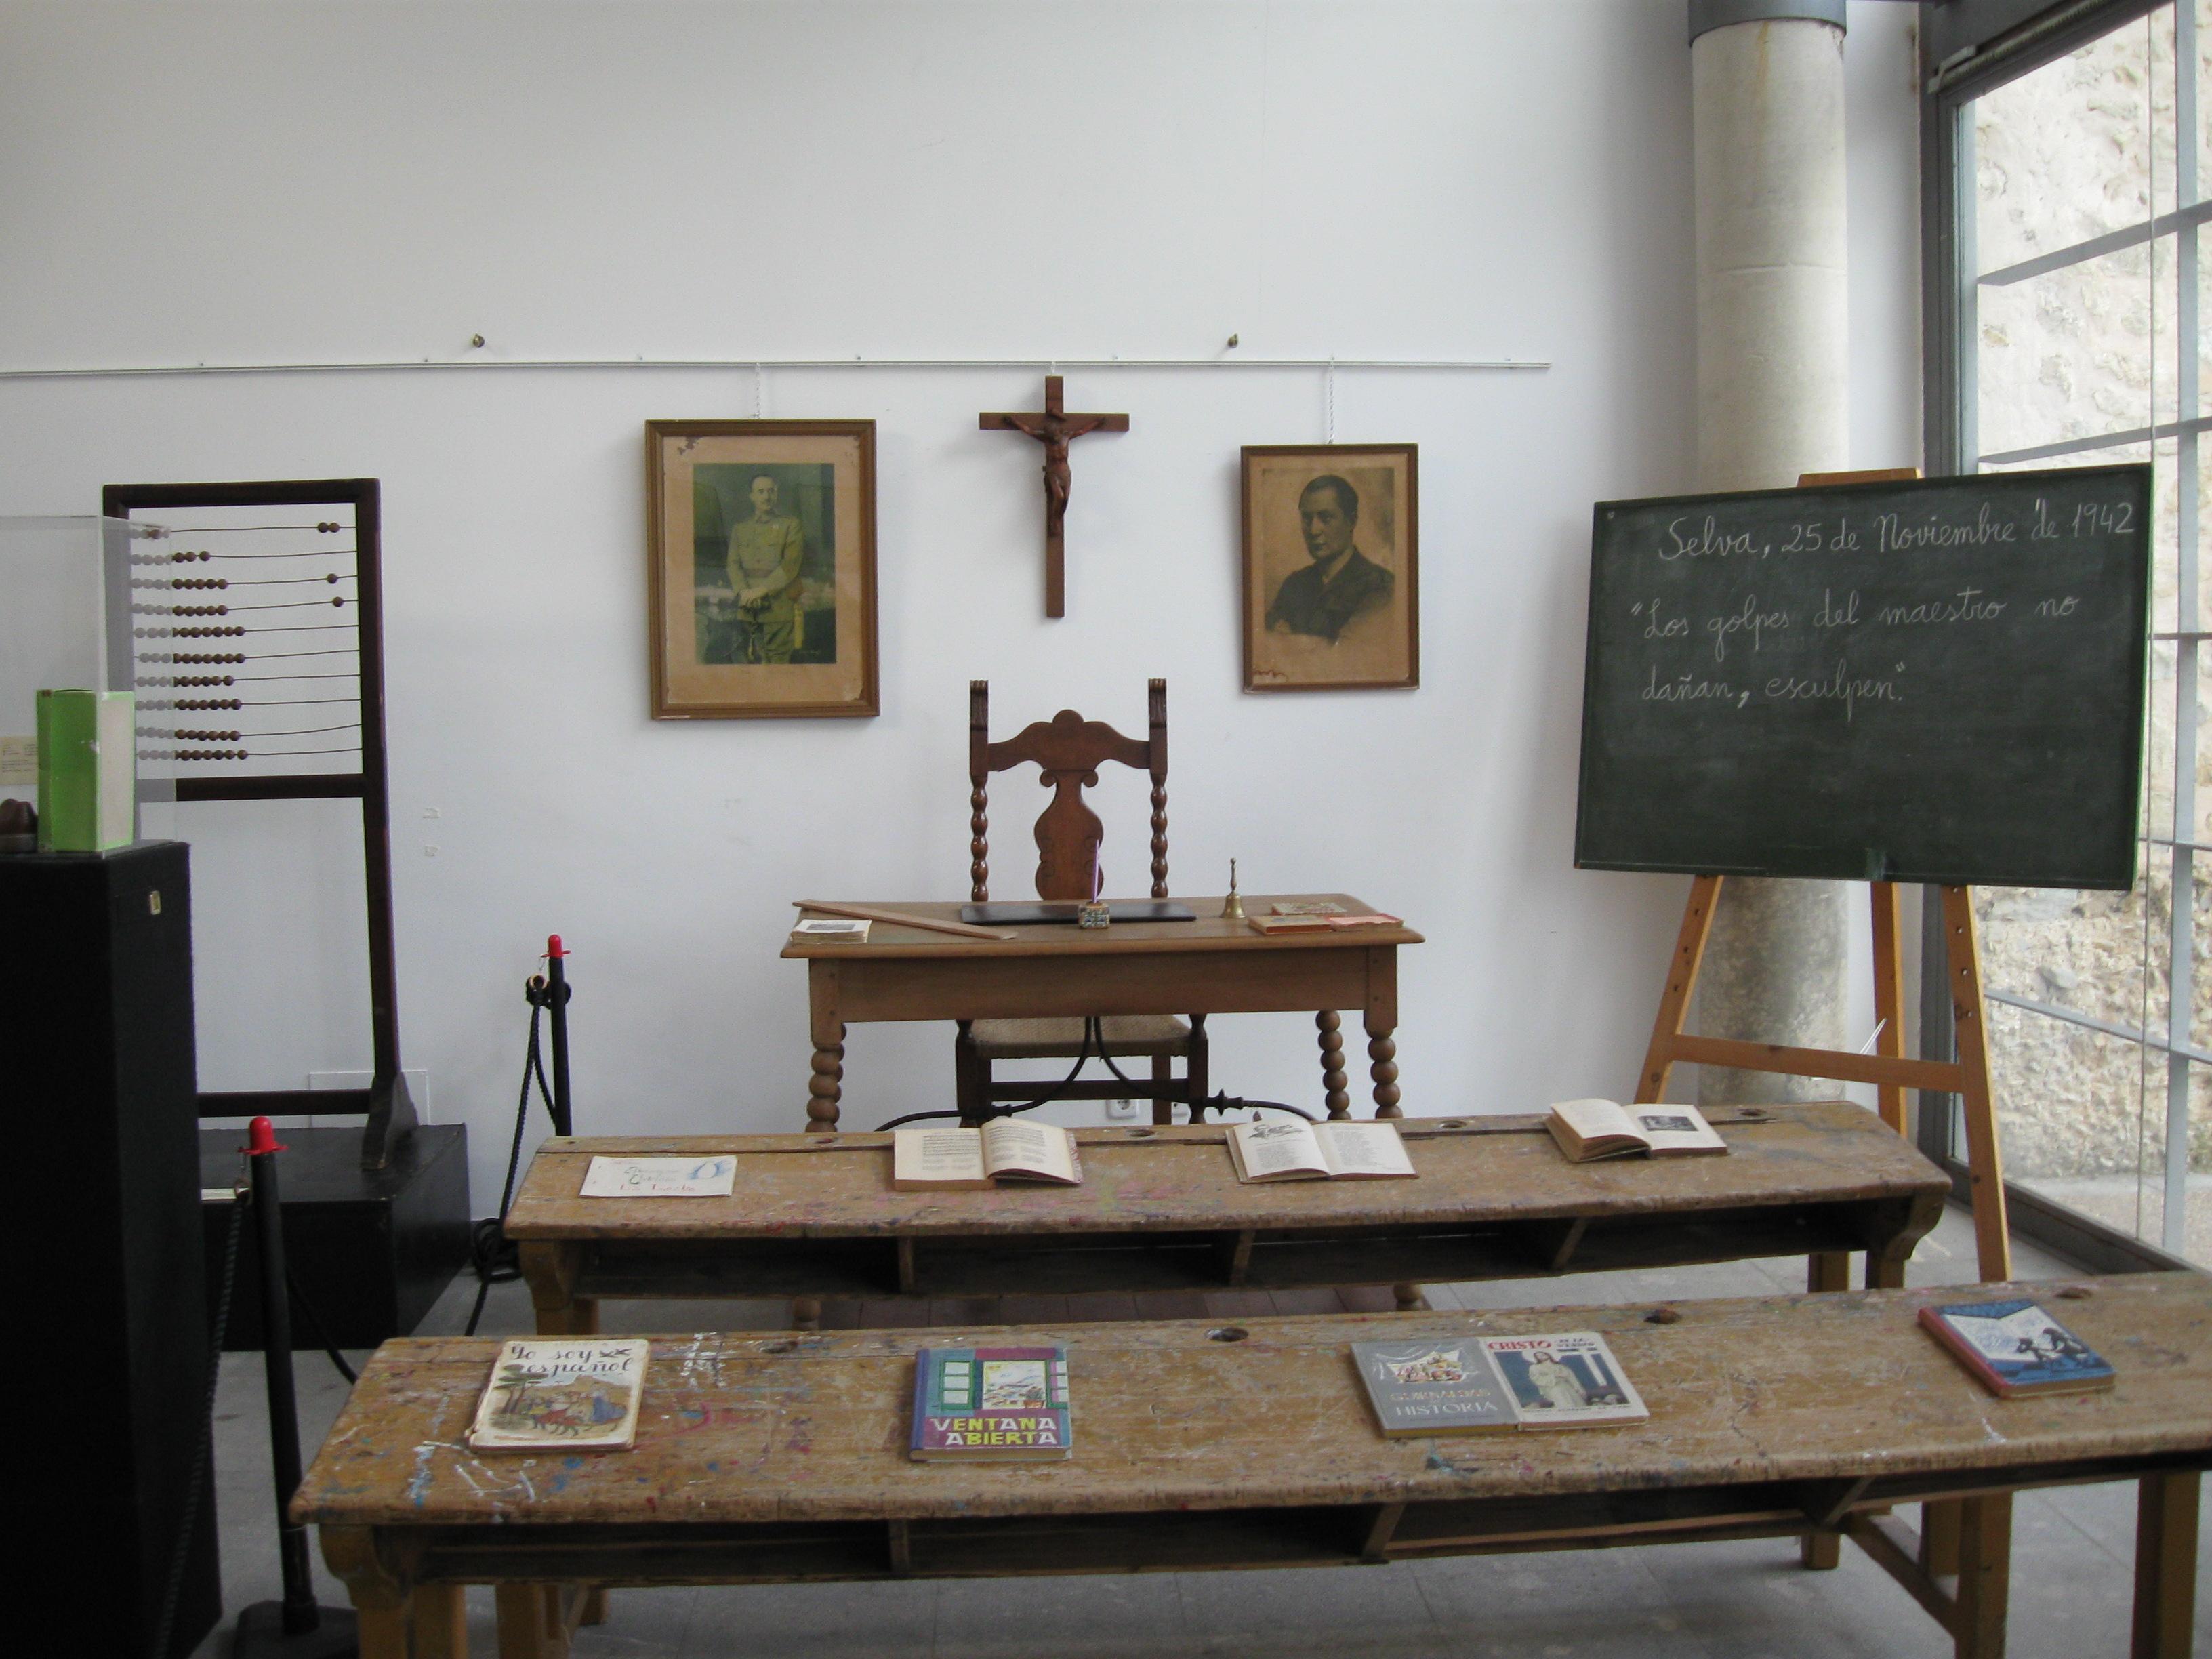 APRENDER A APRENDER: Escuela,educación doctrinaria y respecto ante todo.